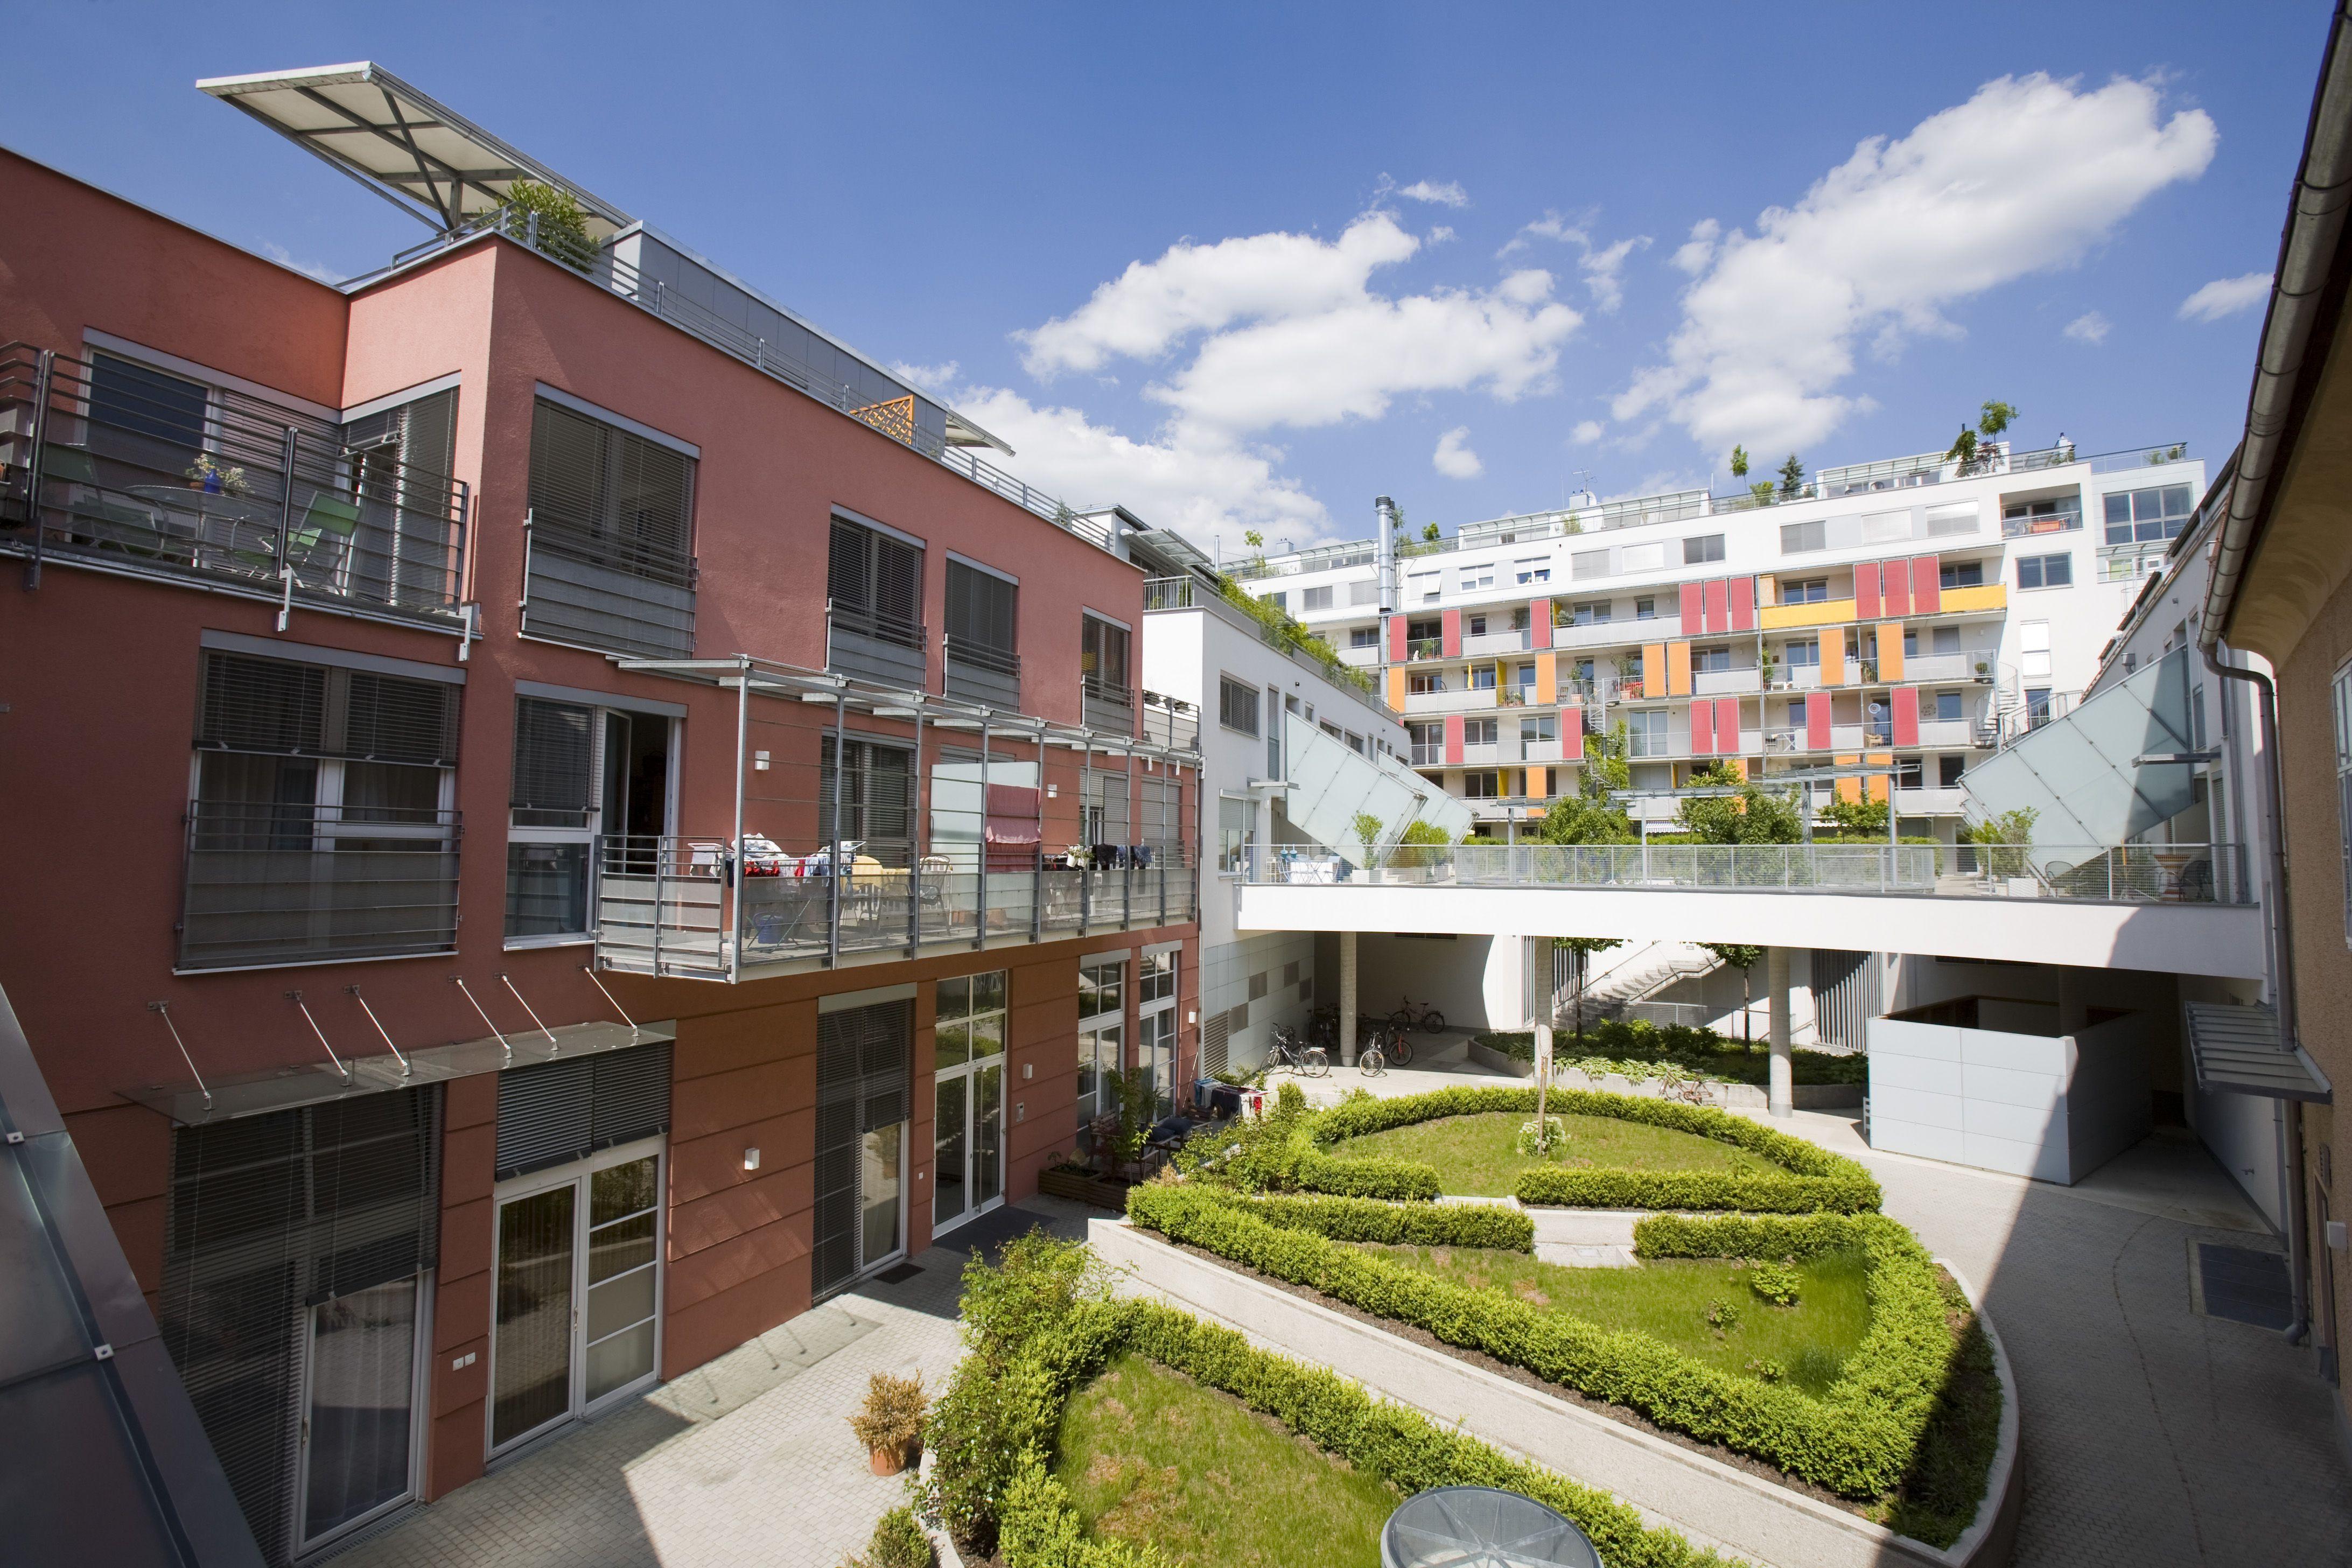 Wohnbau Lange Gasse, Graz